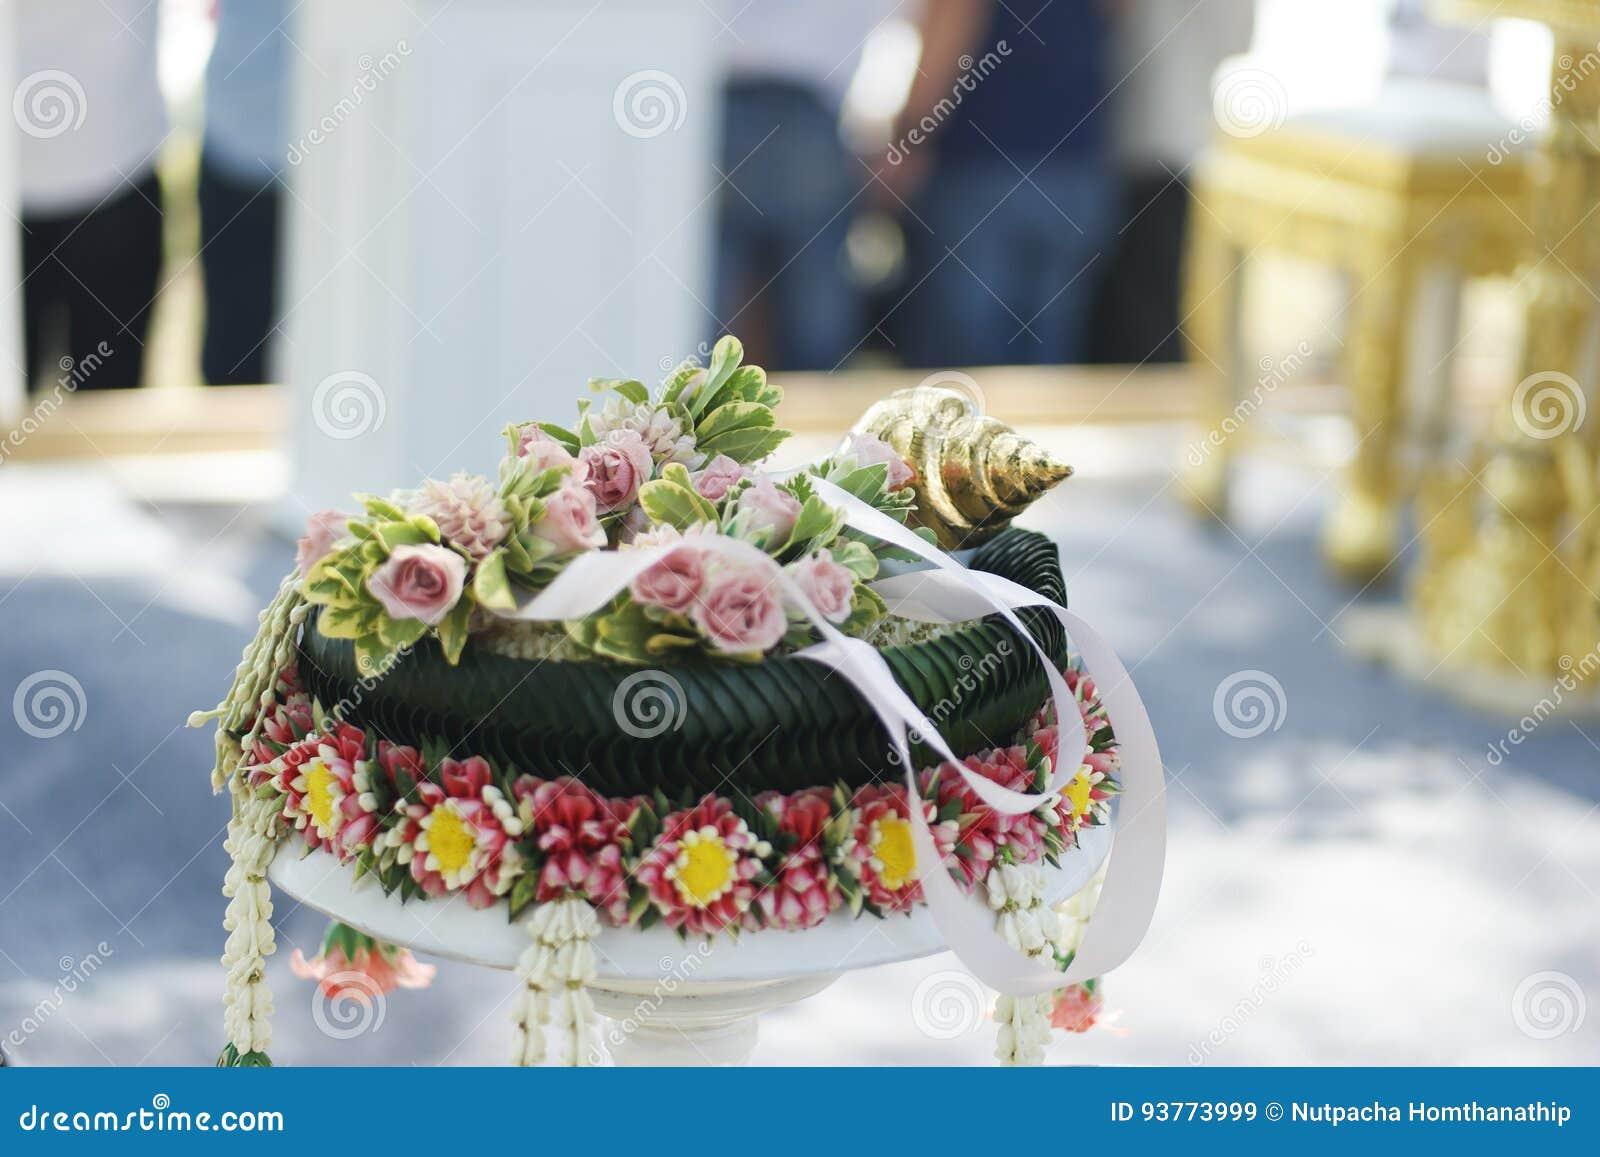 Thai Wedding Theme Stock Image Image Of Human Hand 93773999